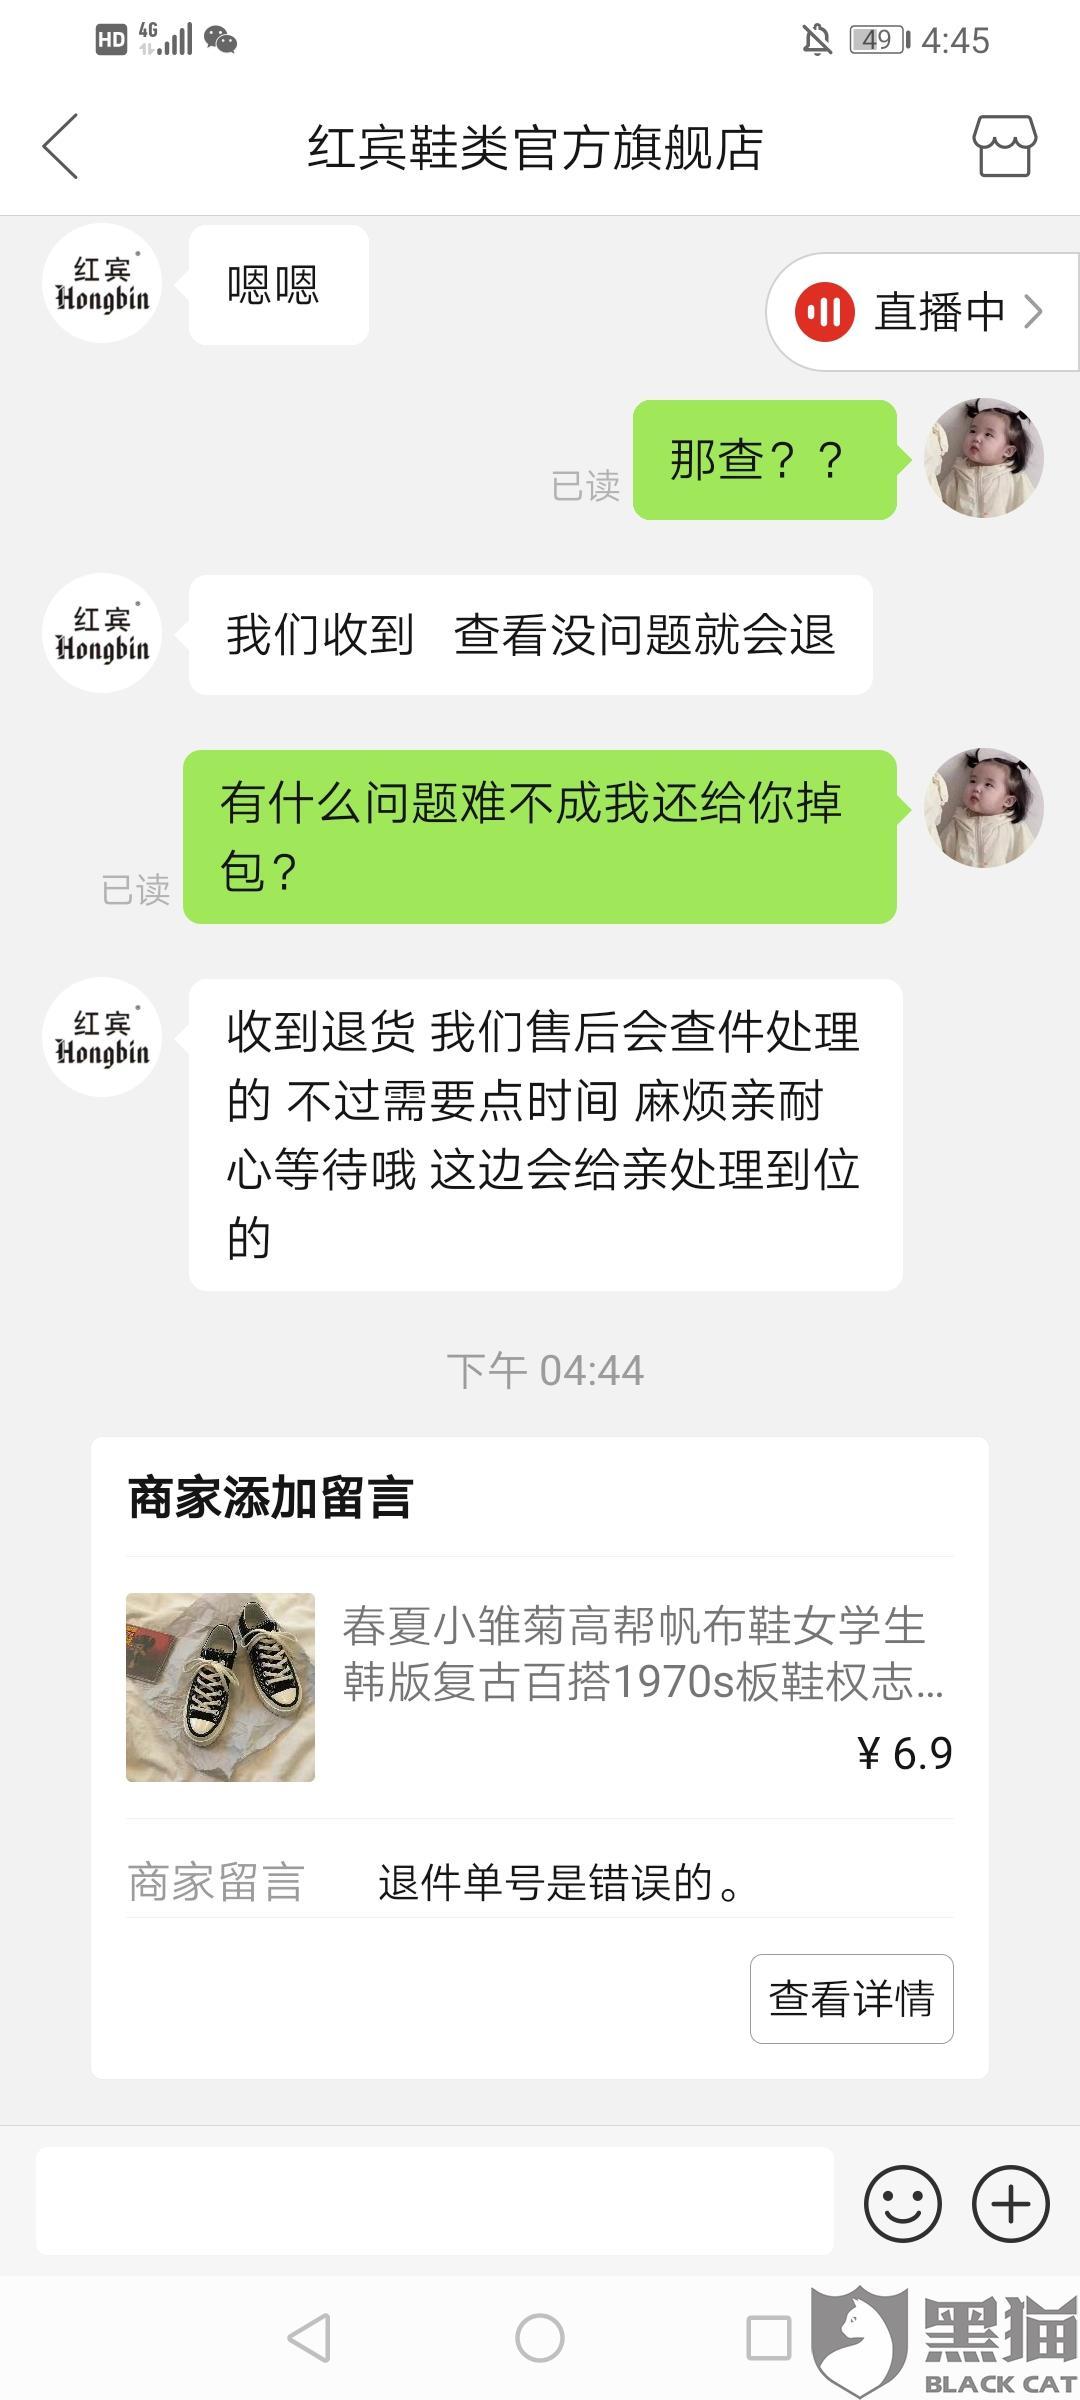 黑猫投诉:红宾鞋类官方旗舰店